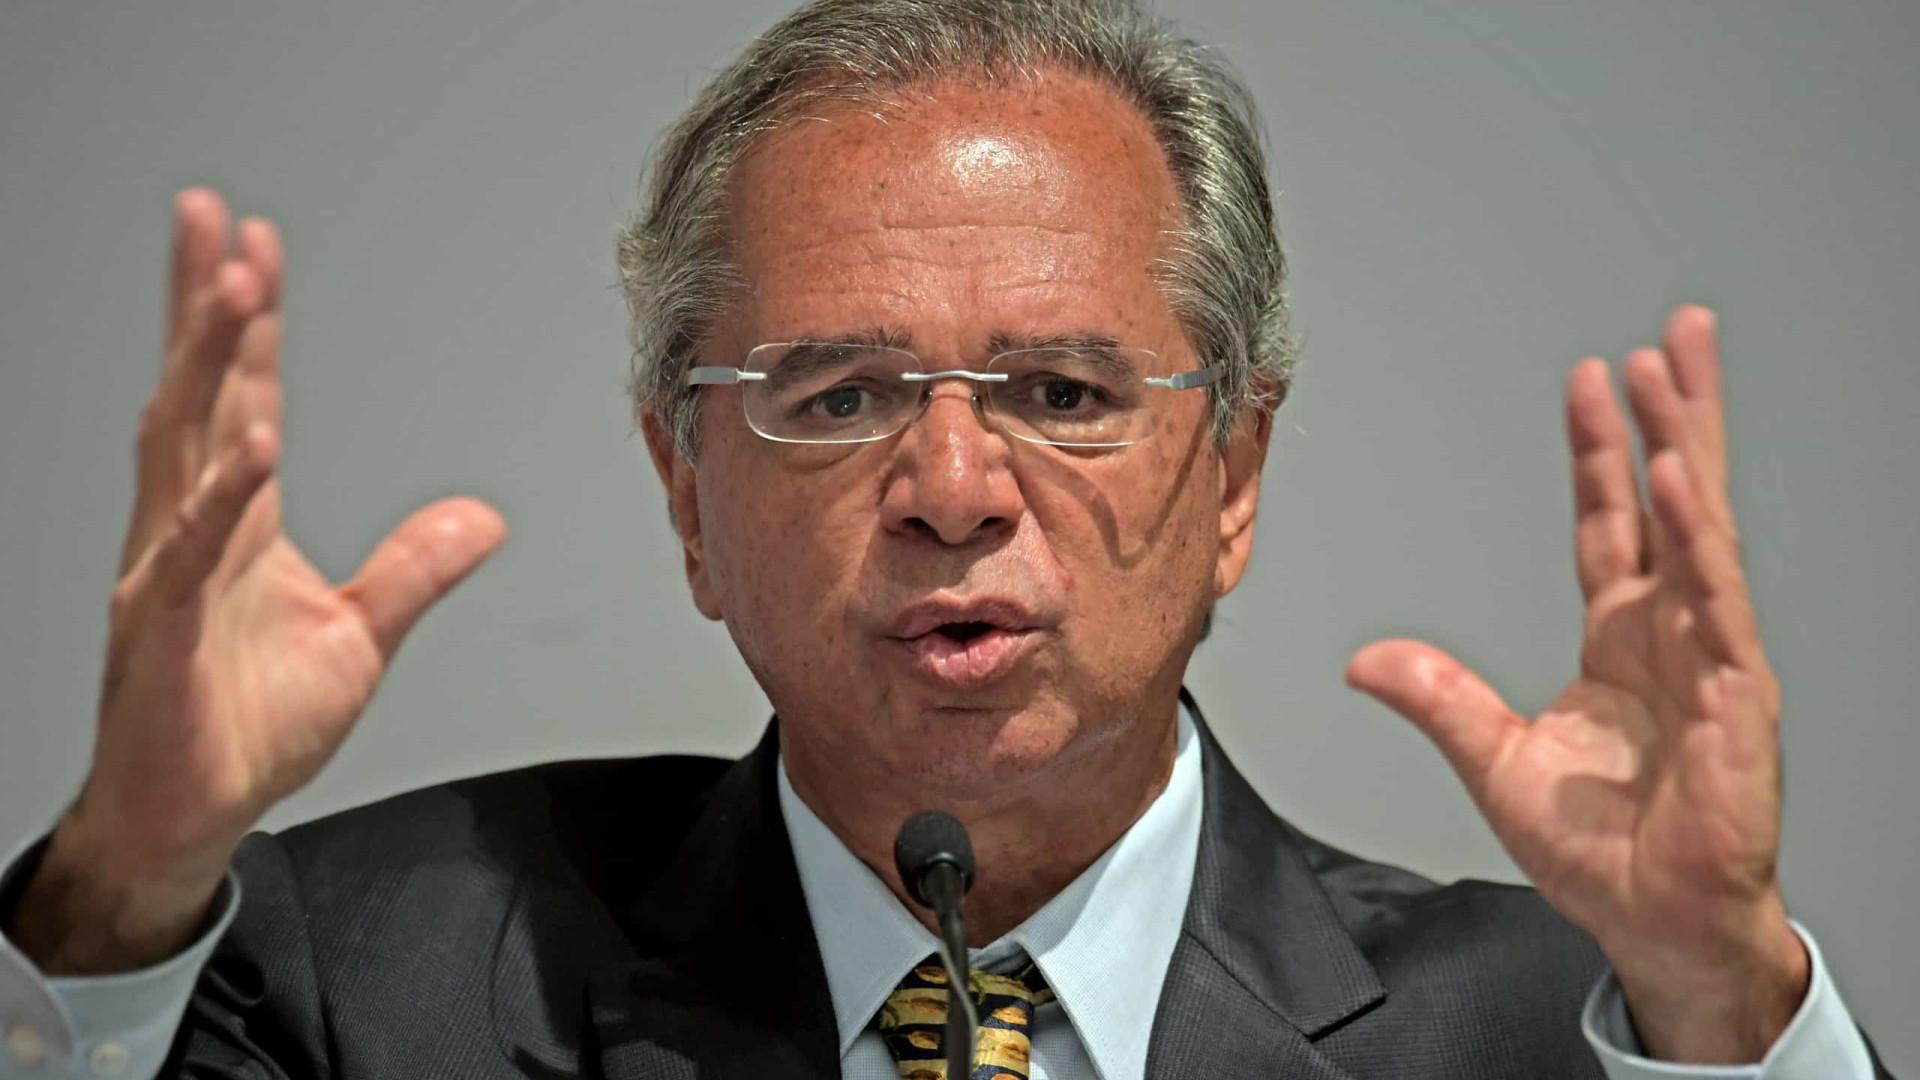 'Choque liberal' de Guedes fica no papel, diz jornal